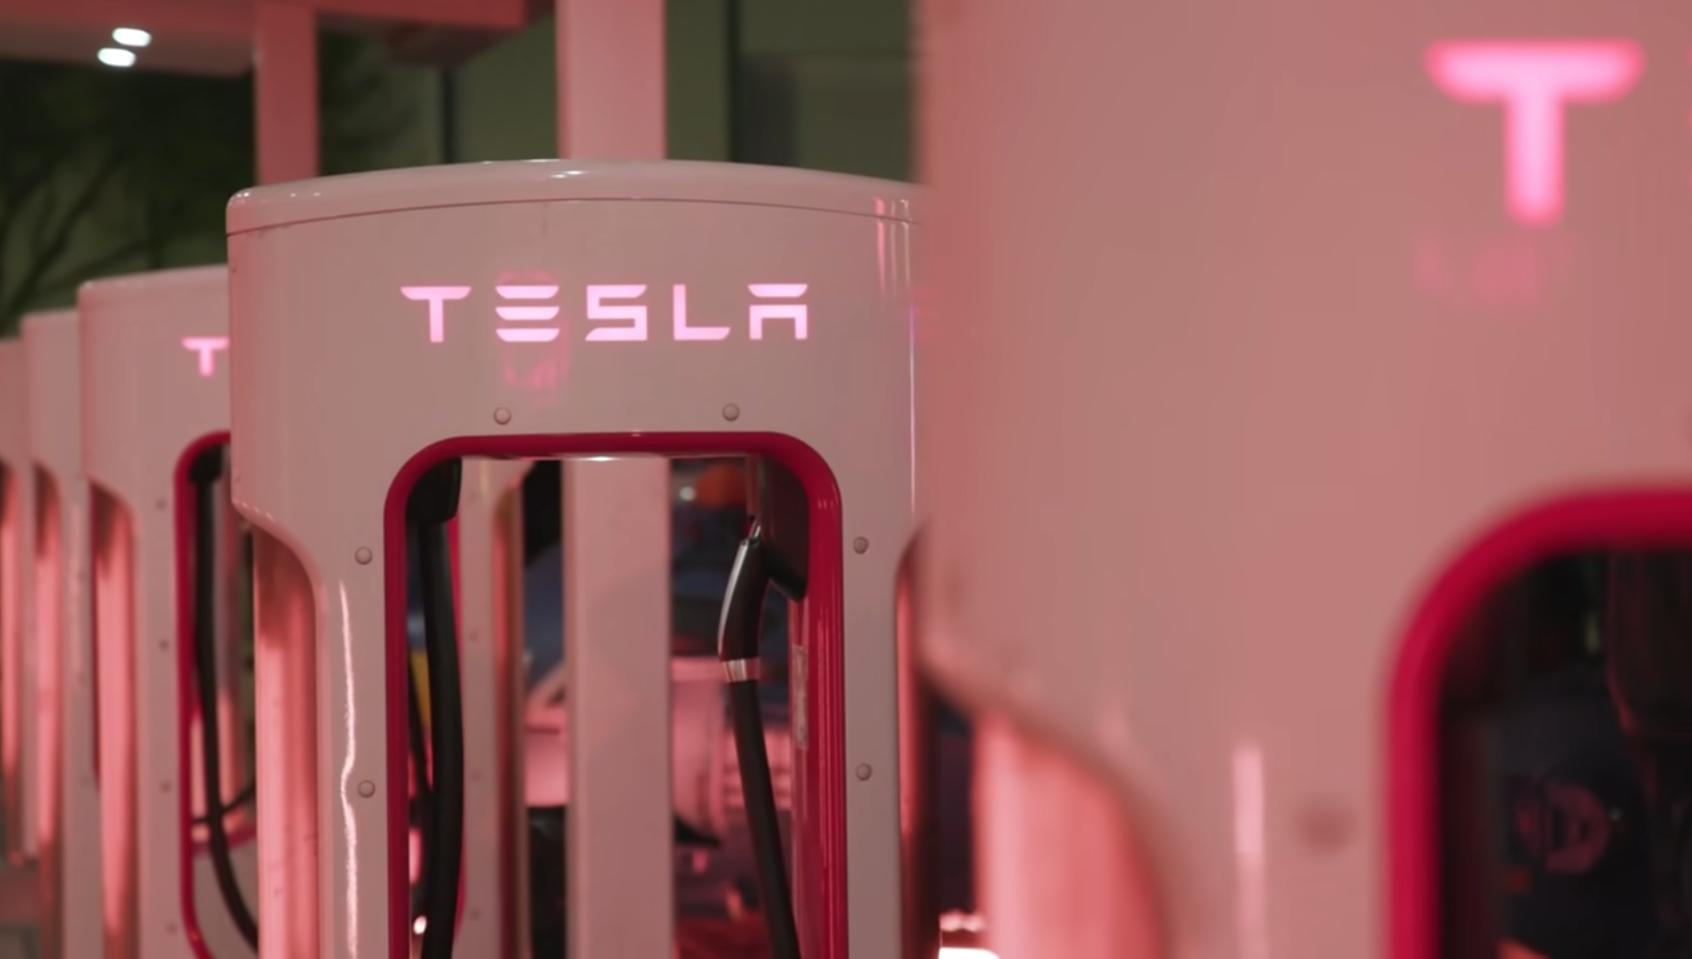 テスラ社は2003年に設立された電気自動車を専門とするアメリカの会社です。